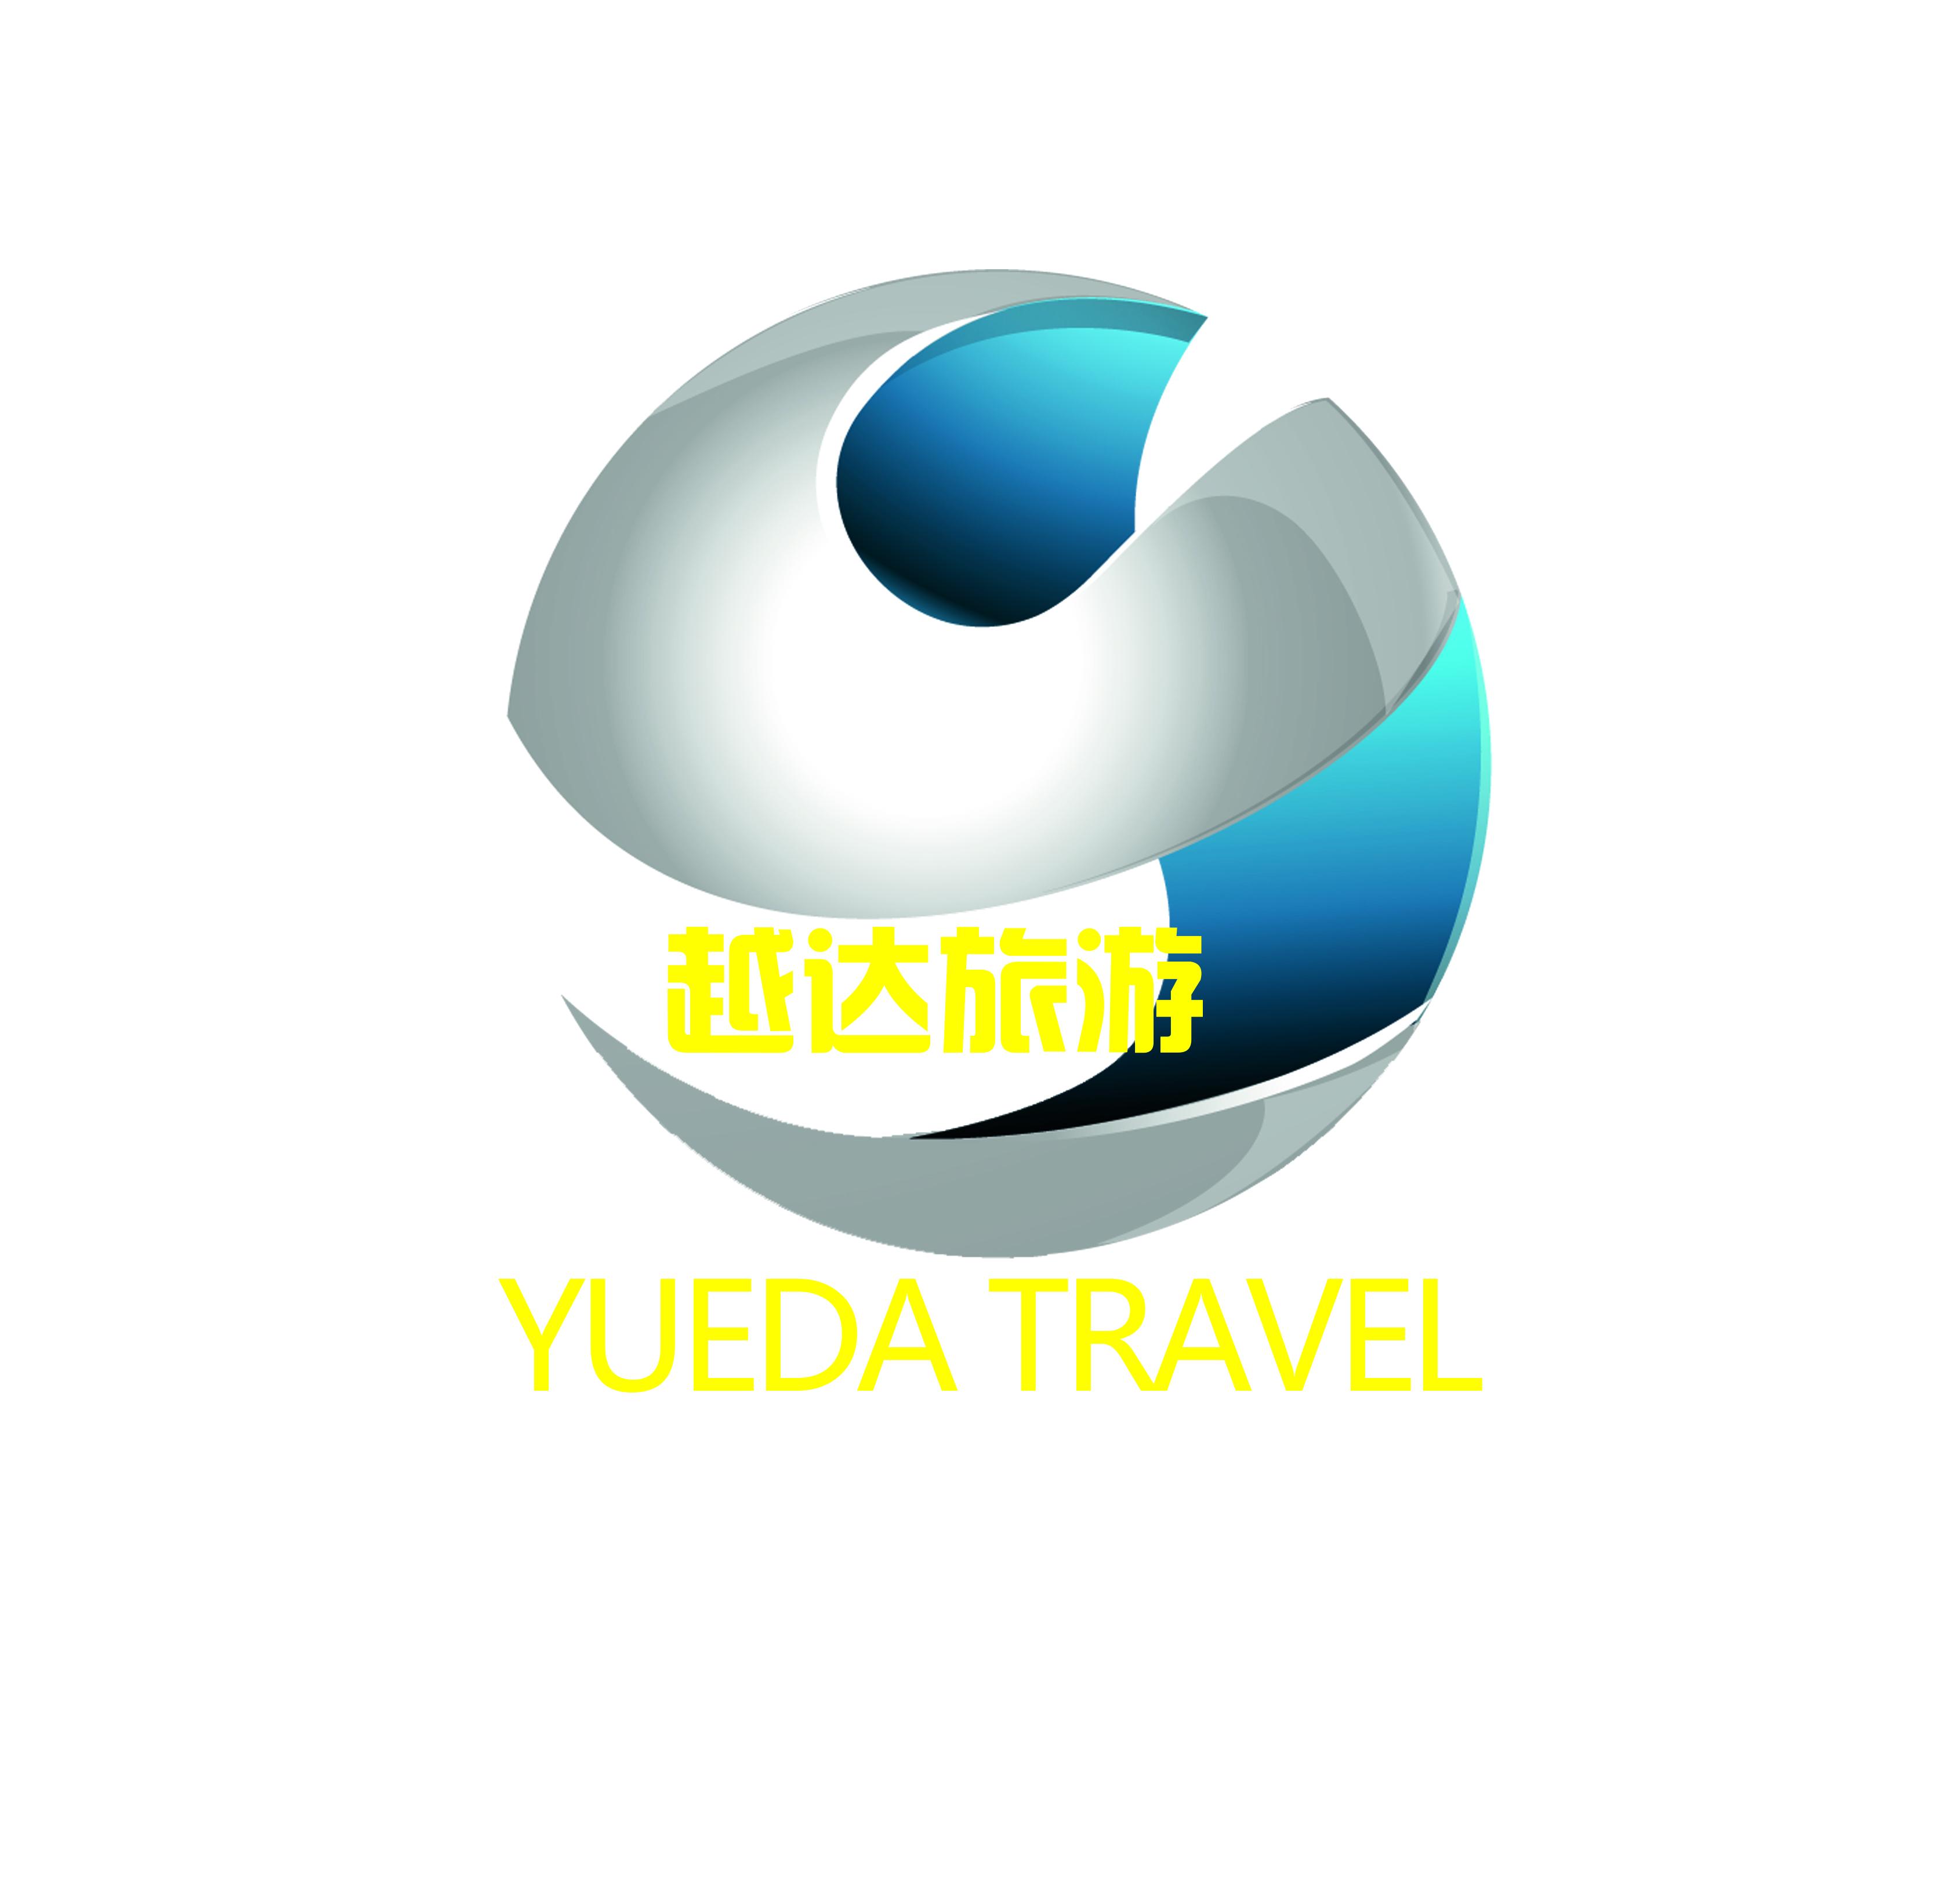 贵州越达旅行社